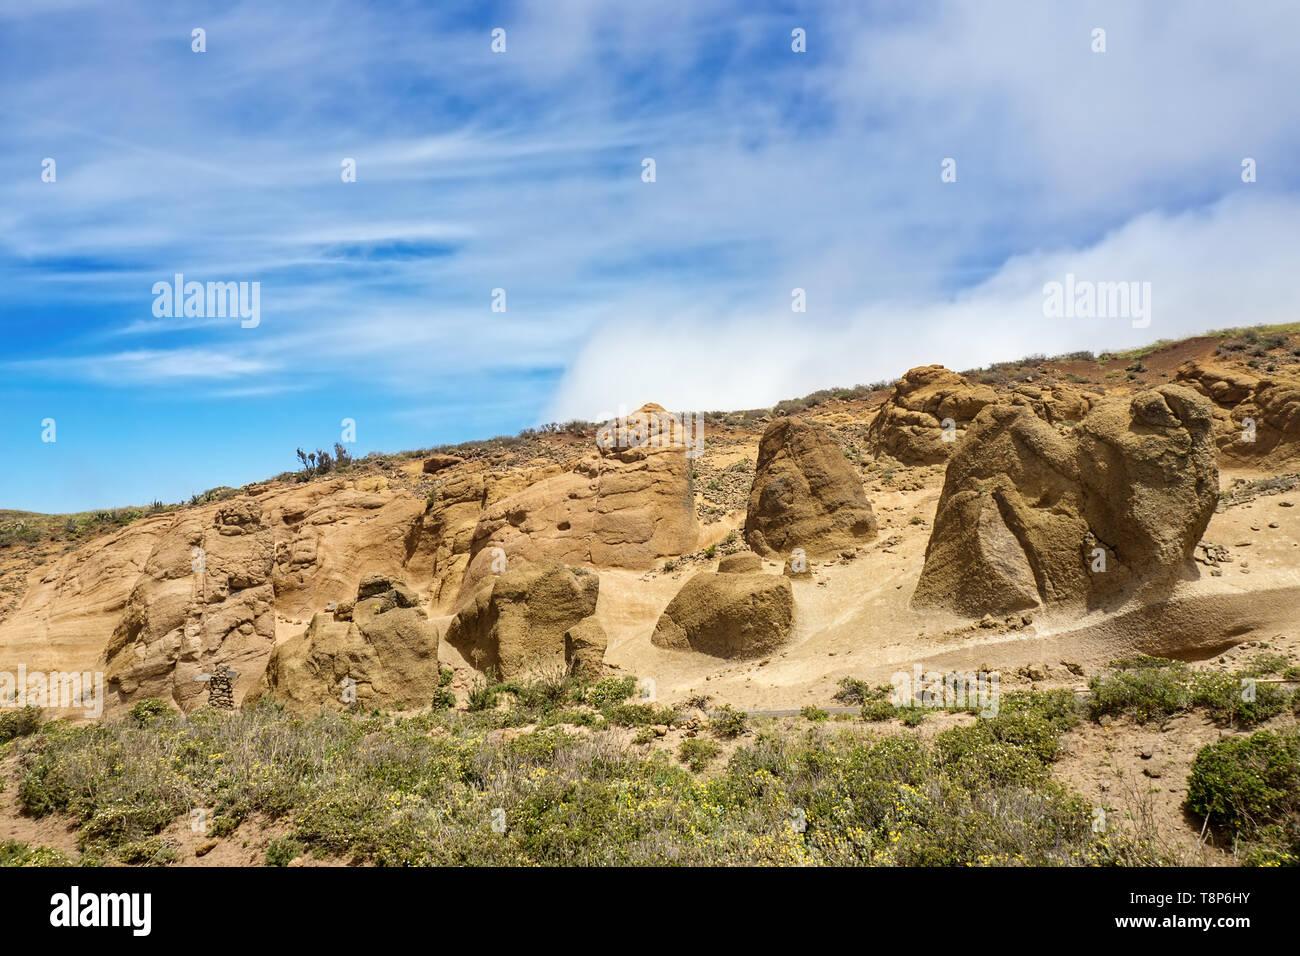 Die äußere Teno-gebirge auf Teneriffa mit der mondlandschaft in Sandstein und tuff Formationen, bizarr und durch Wind und Wetter rock Landschaft gebildet in oc Stockbild